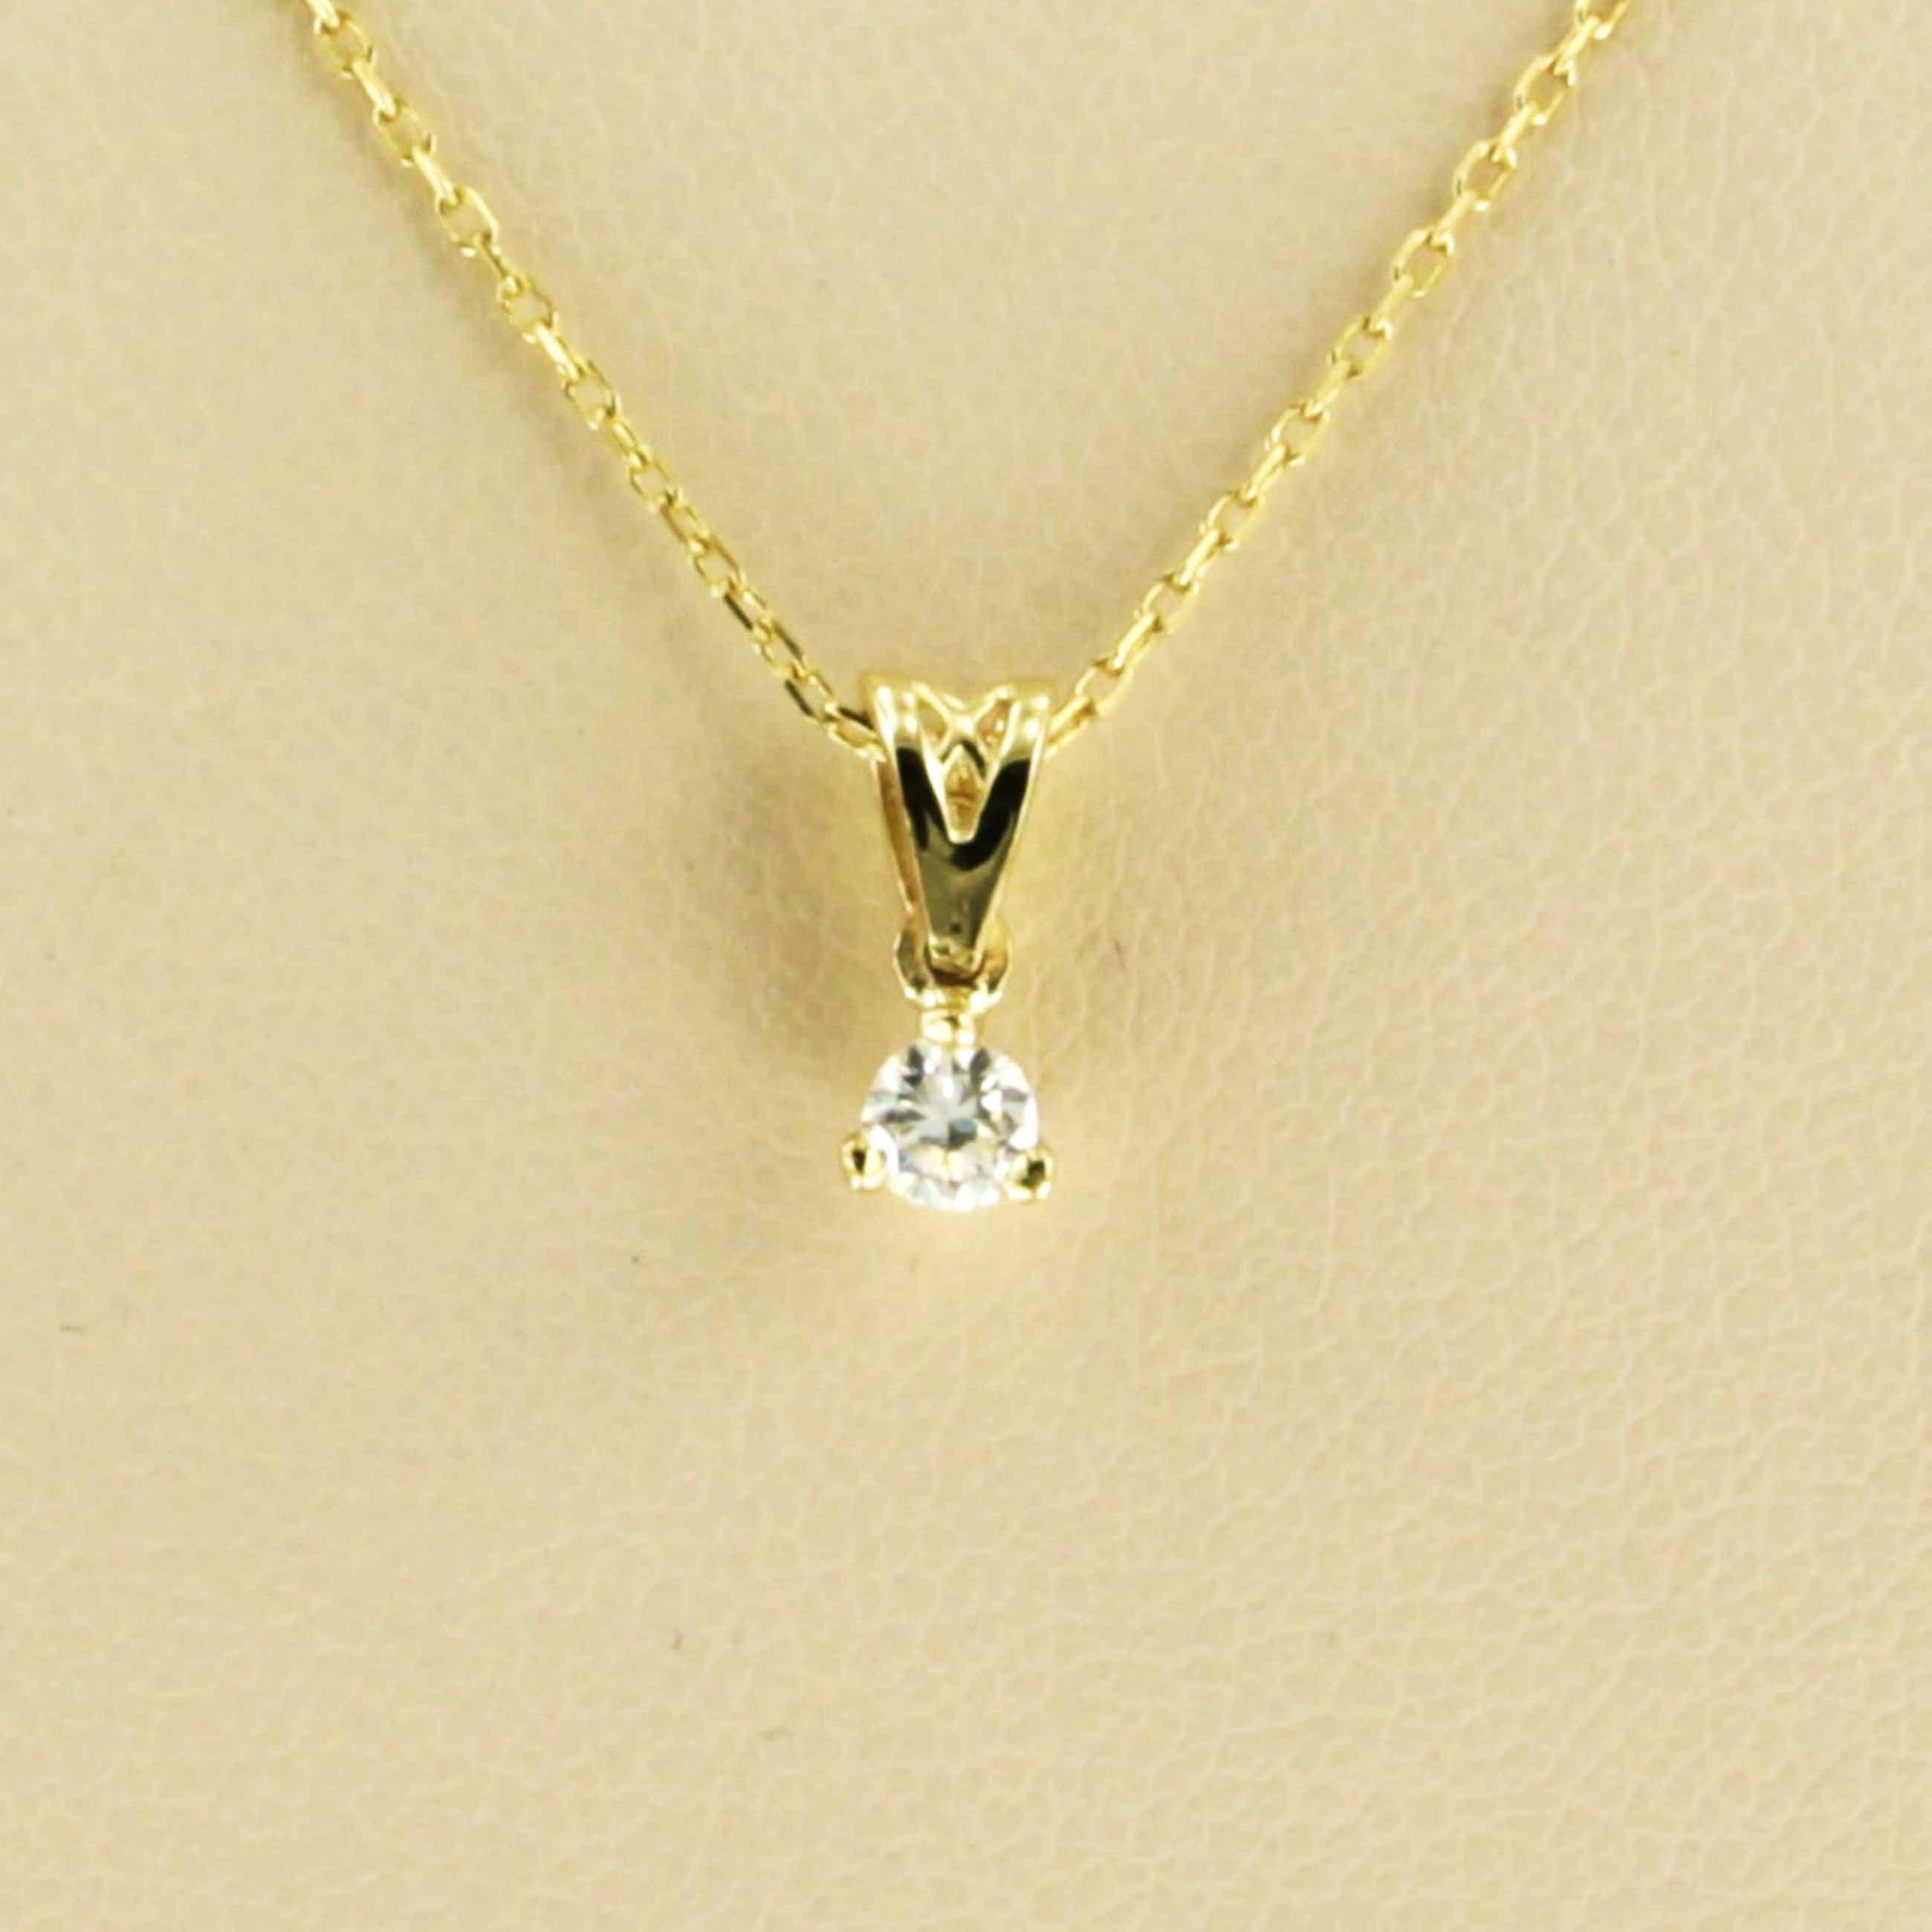 14k collier met solitair hanger bezet met briljant geslepen diamant 0,10ct kopen? Bied vanaf 170!